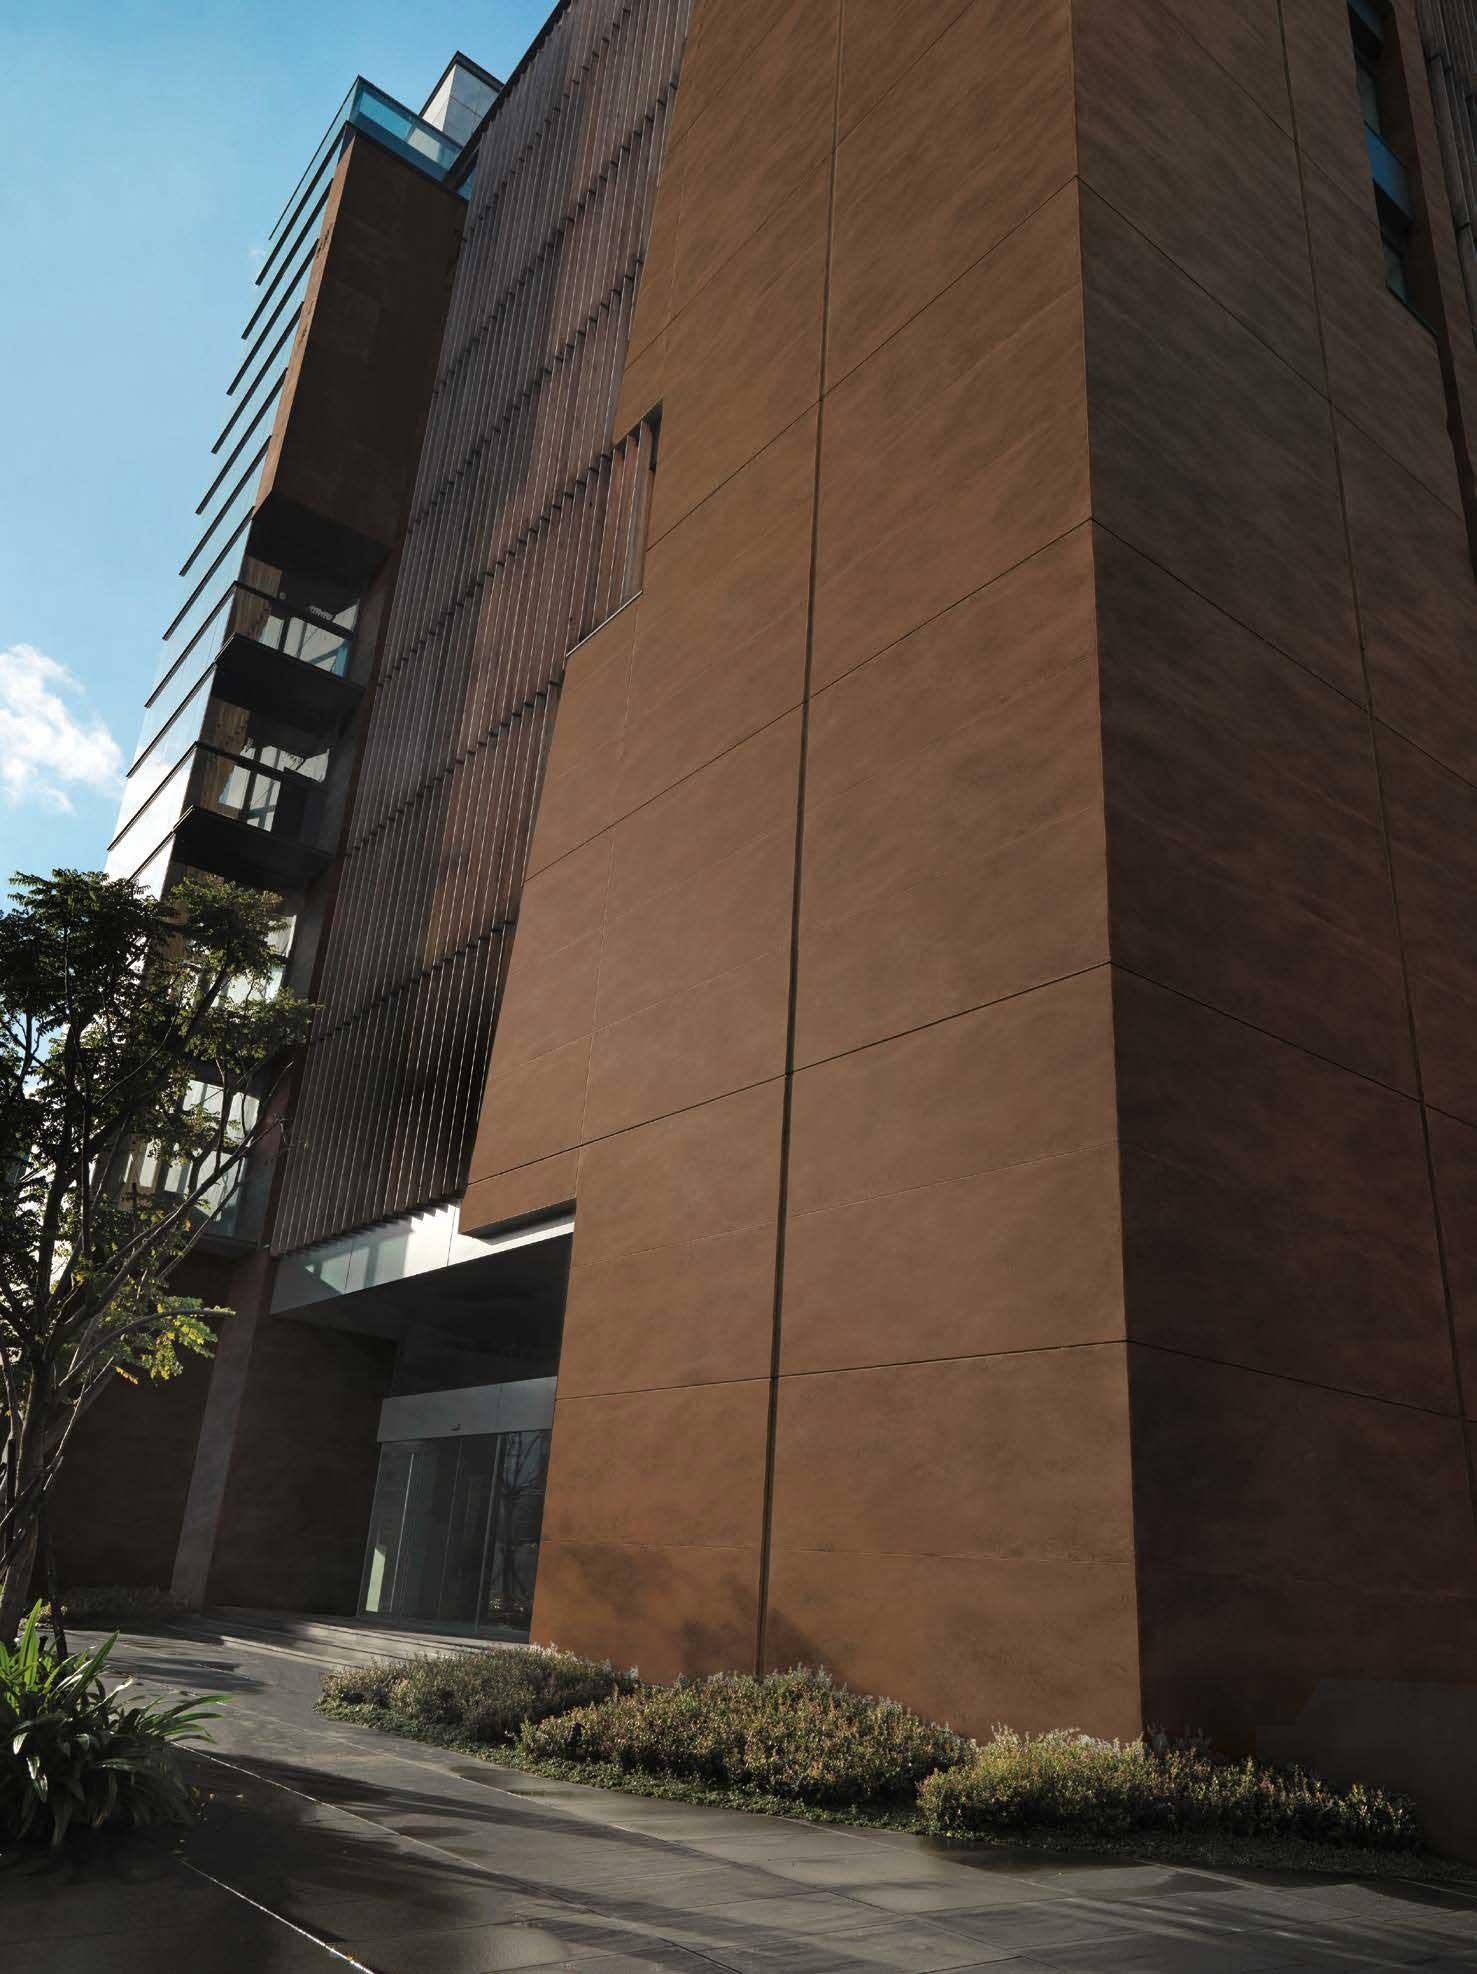 Brown ceramic tile building facade